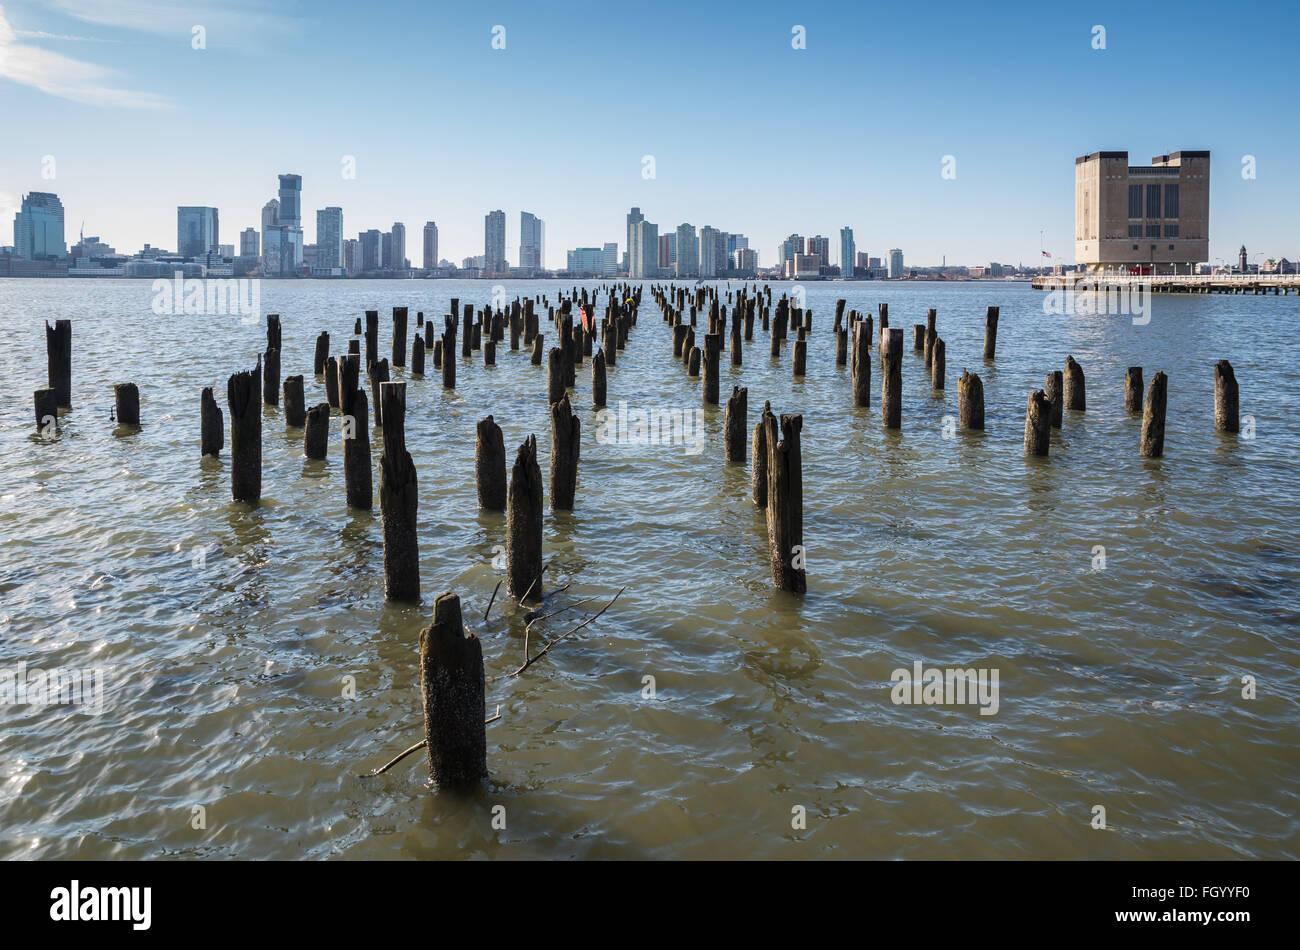 view-towards-jersey-city-newport-hoboken